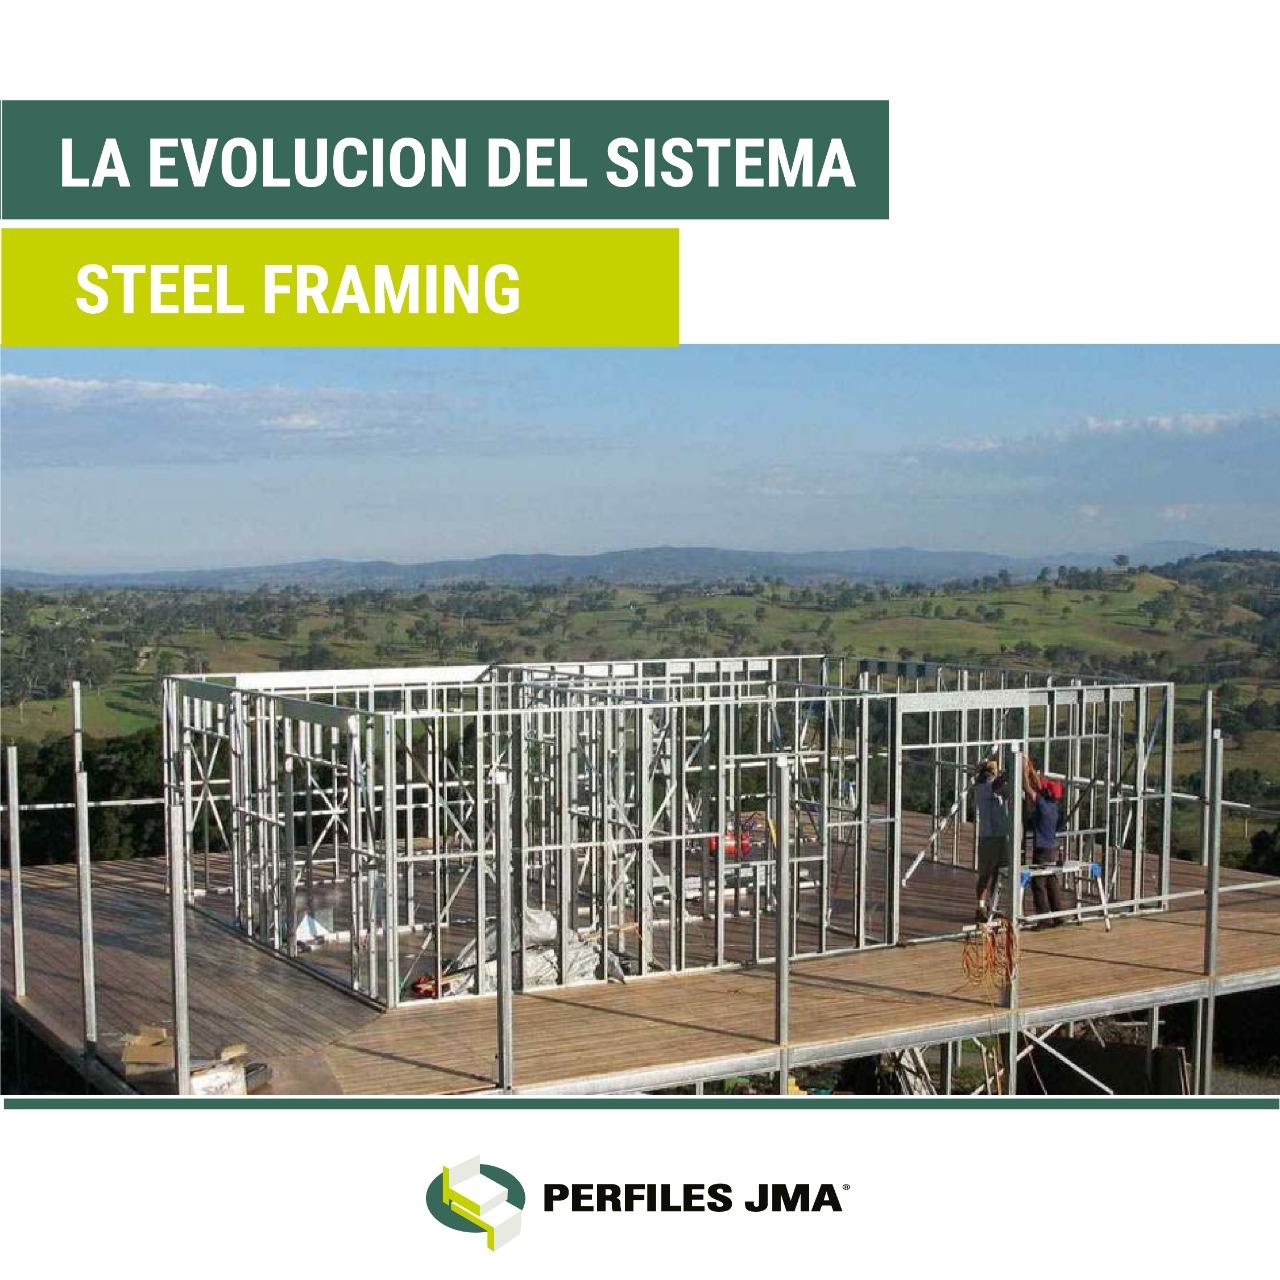 EVOLUCIÓN DEL SISTEMA STEEL FRAMING